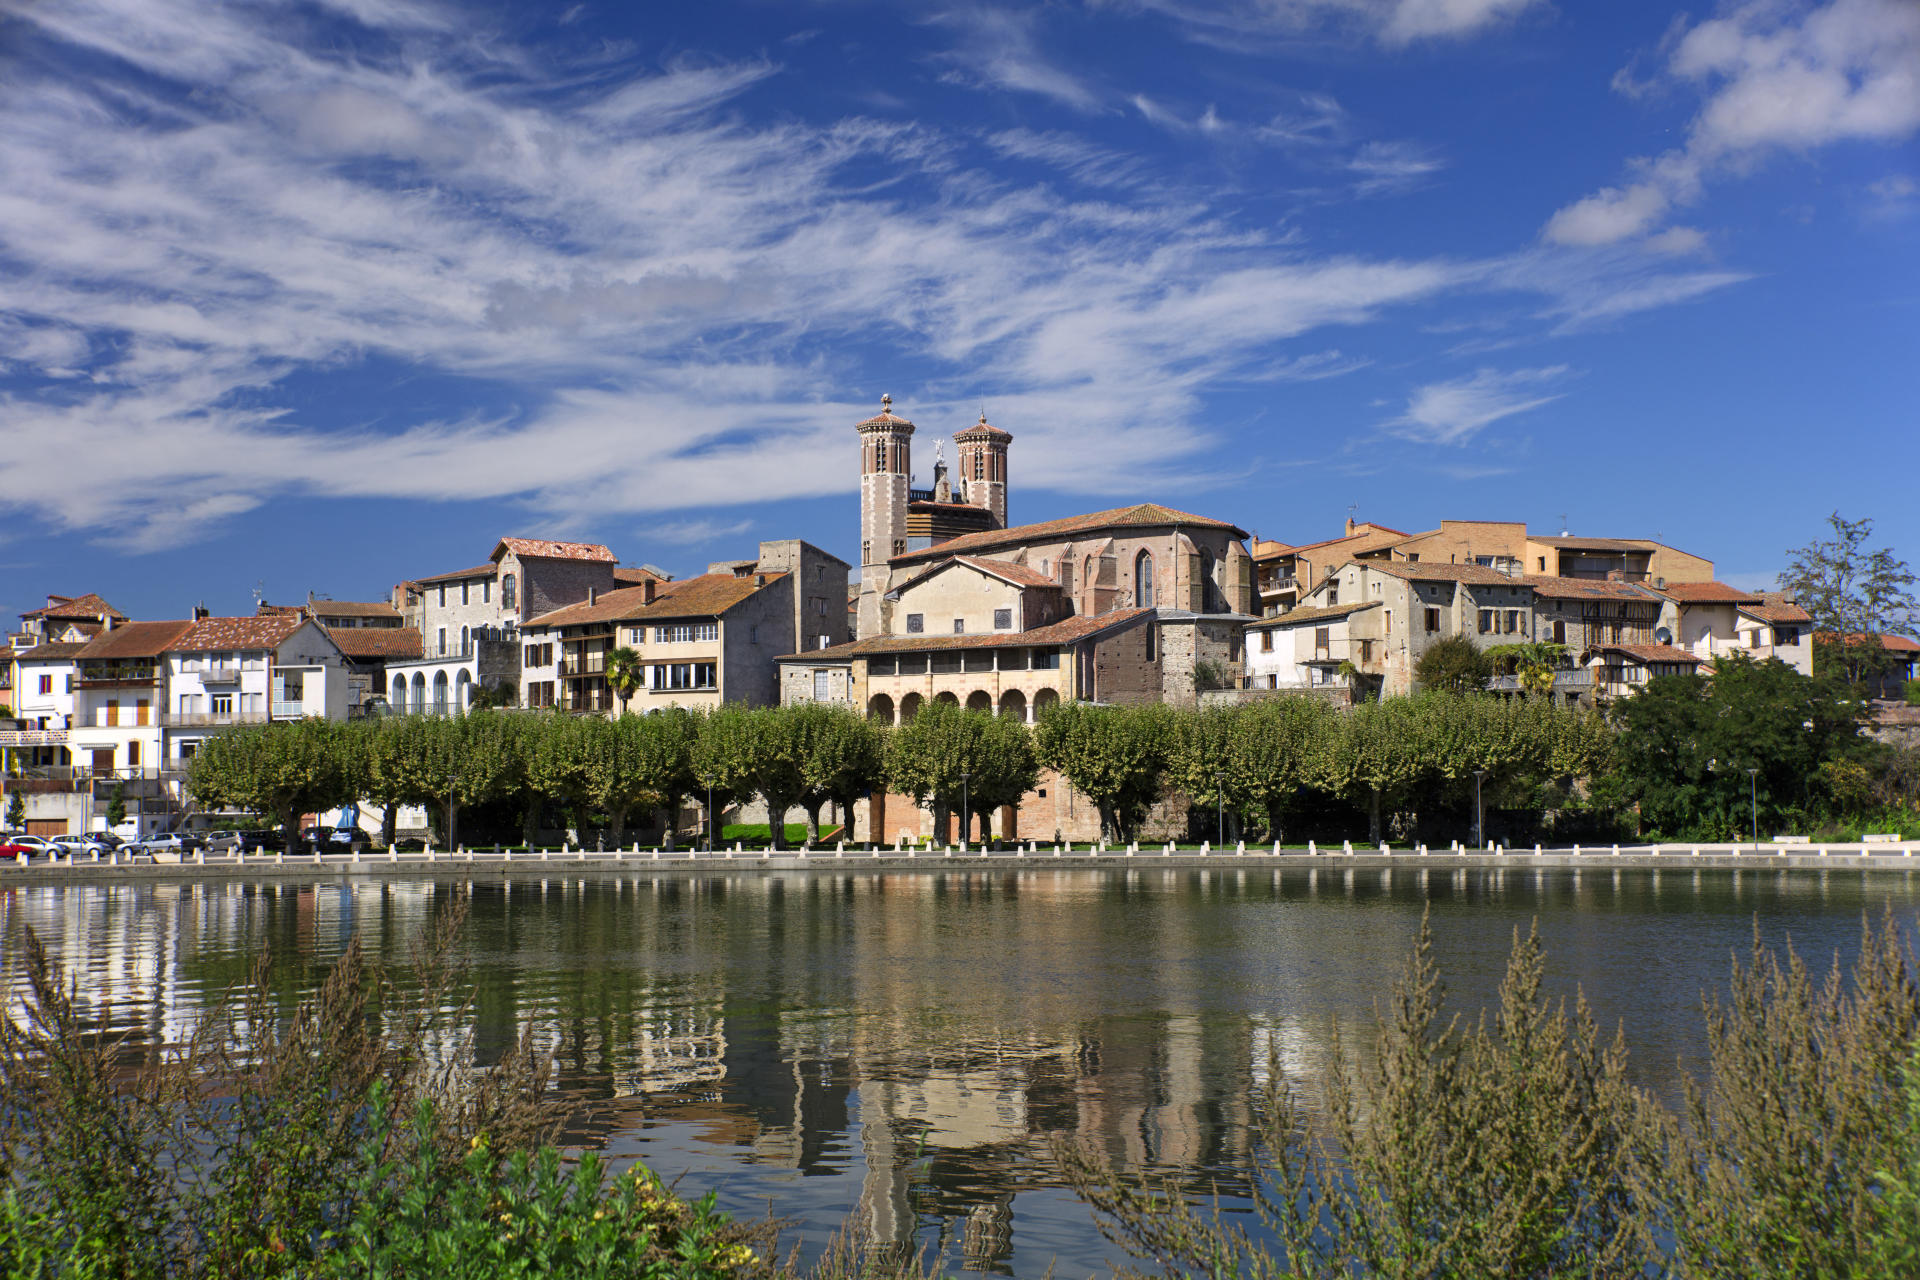 Cazères, ancienne bastide située sur les bords de la Garonne.